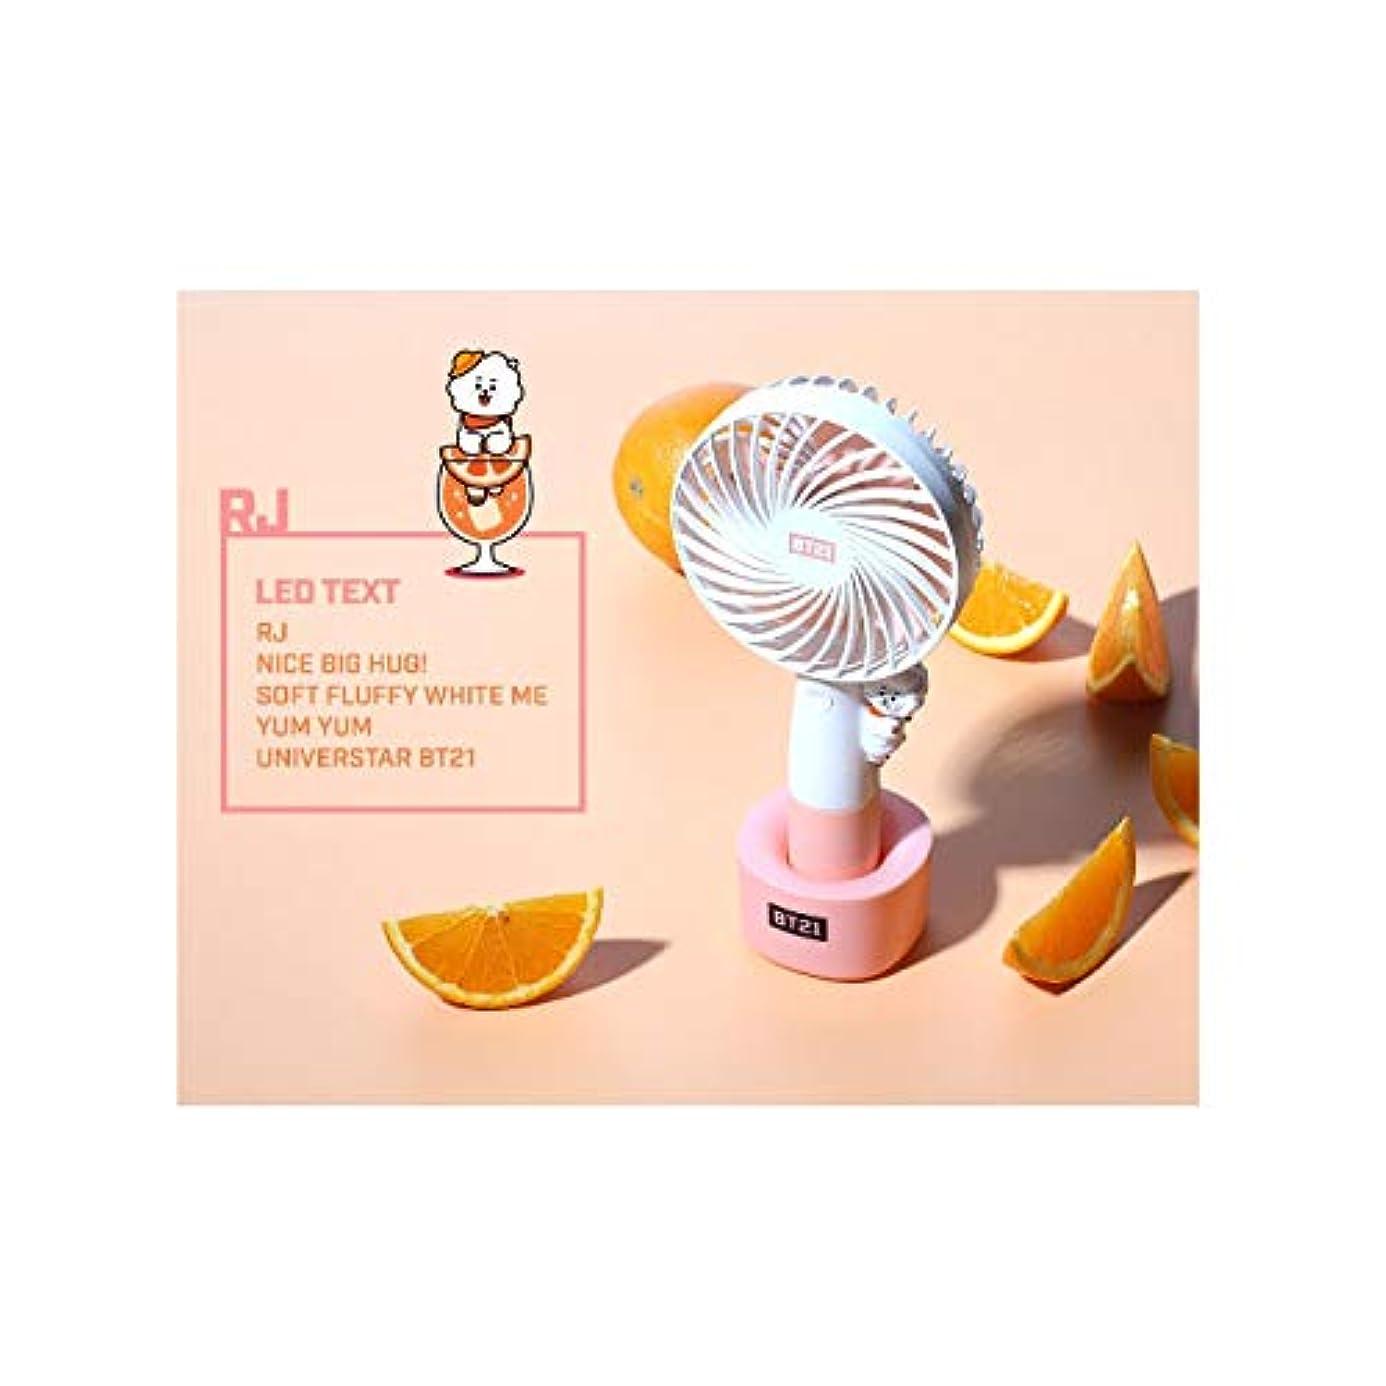 染色モッキンバード好戦的な公式★BT21ハンディLED扇風機 携帯扇風機 2019 HANDYFAN7種 BTSグッズ 韓国語 (RJ)